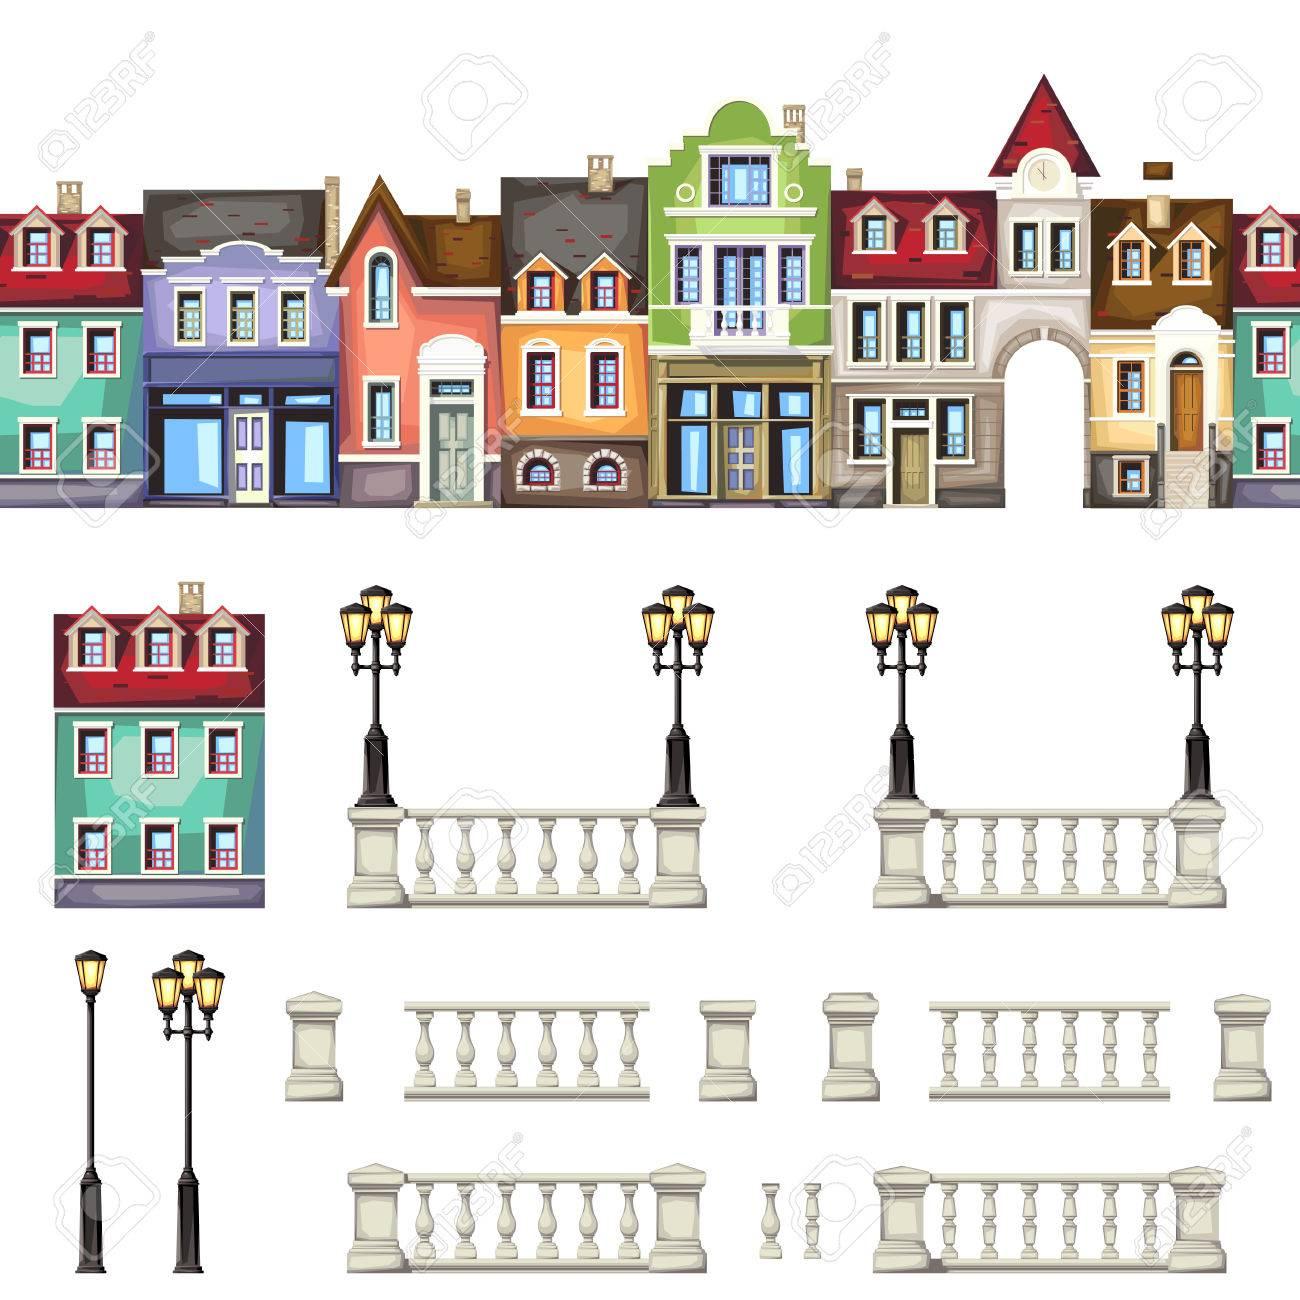 Großartig Architektonische Elemente Eines Hauses Zeitgenössisch ...